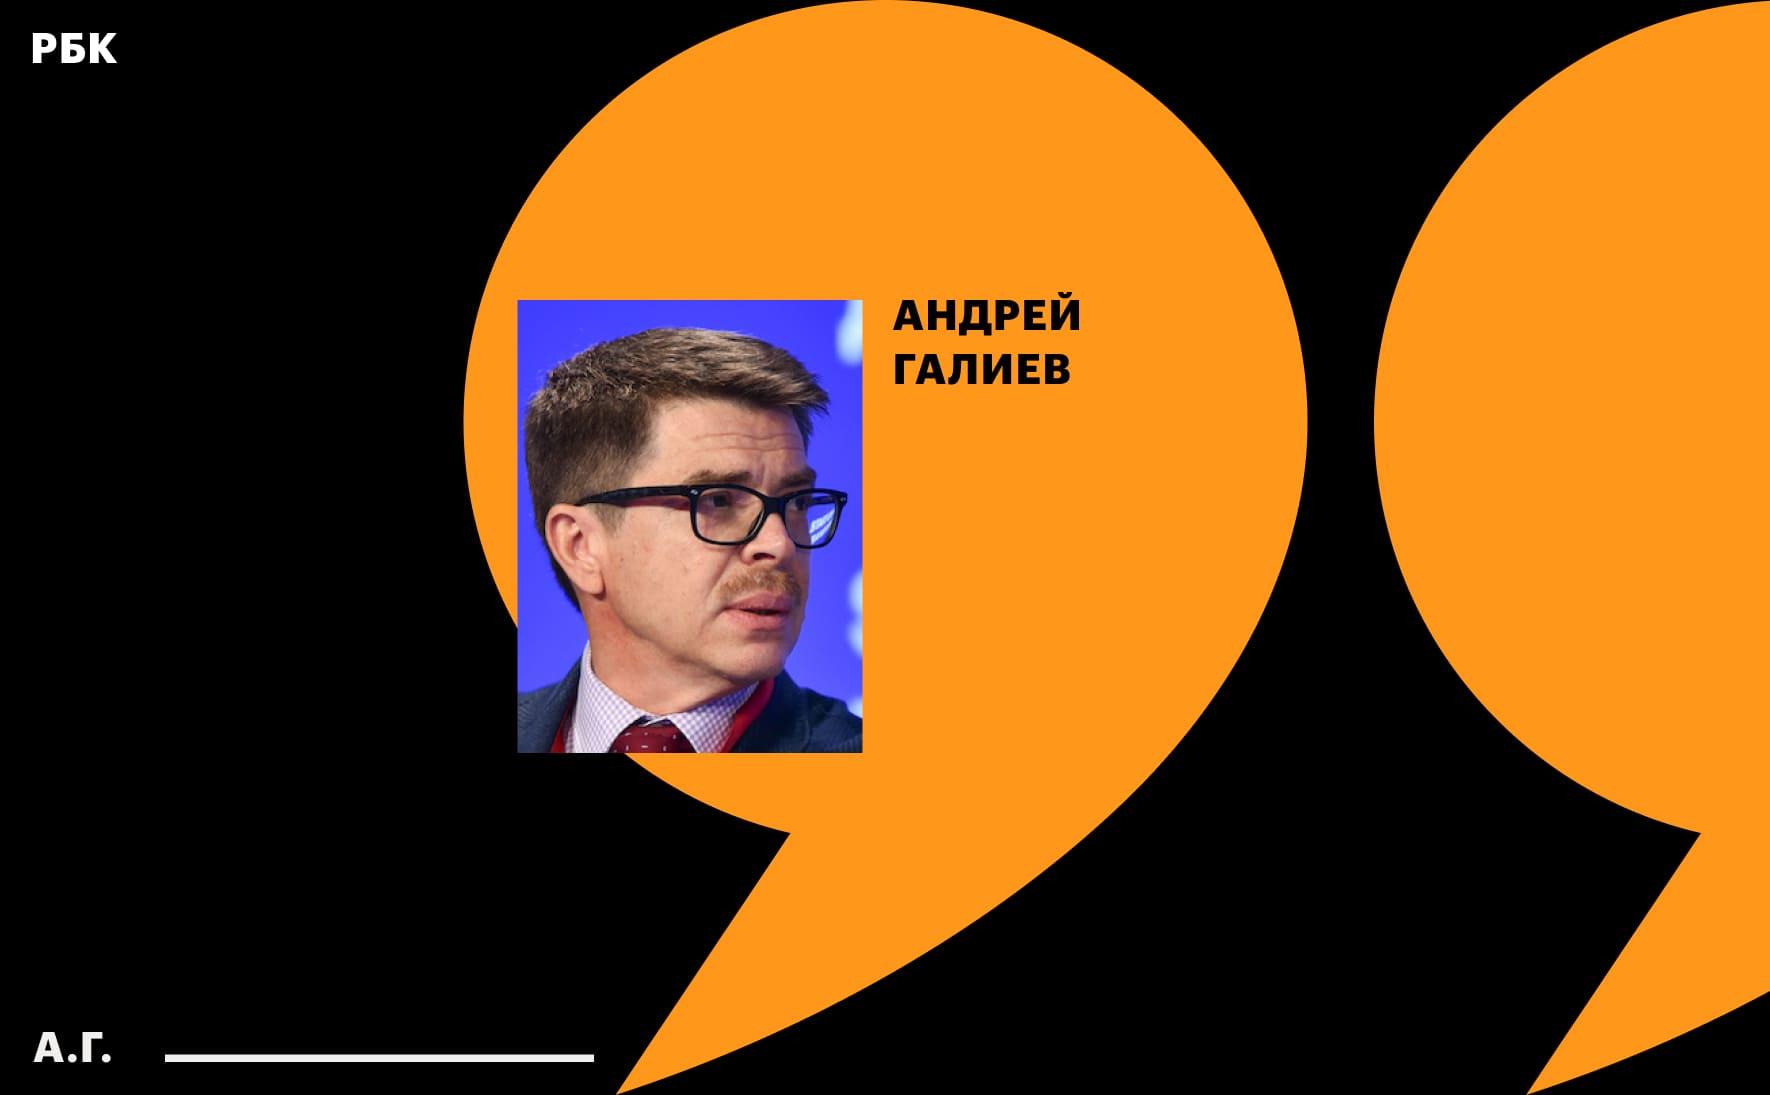 Фото: Сергей Отрошко / Росконгресс